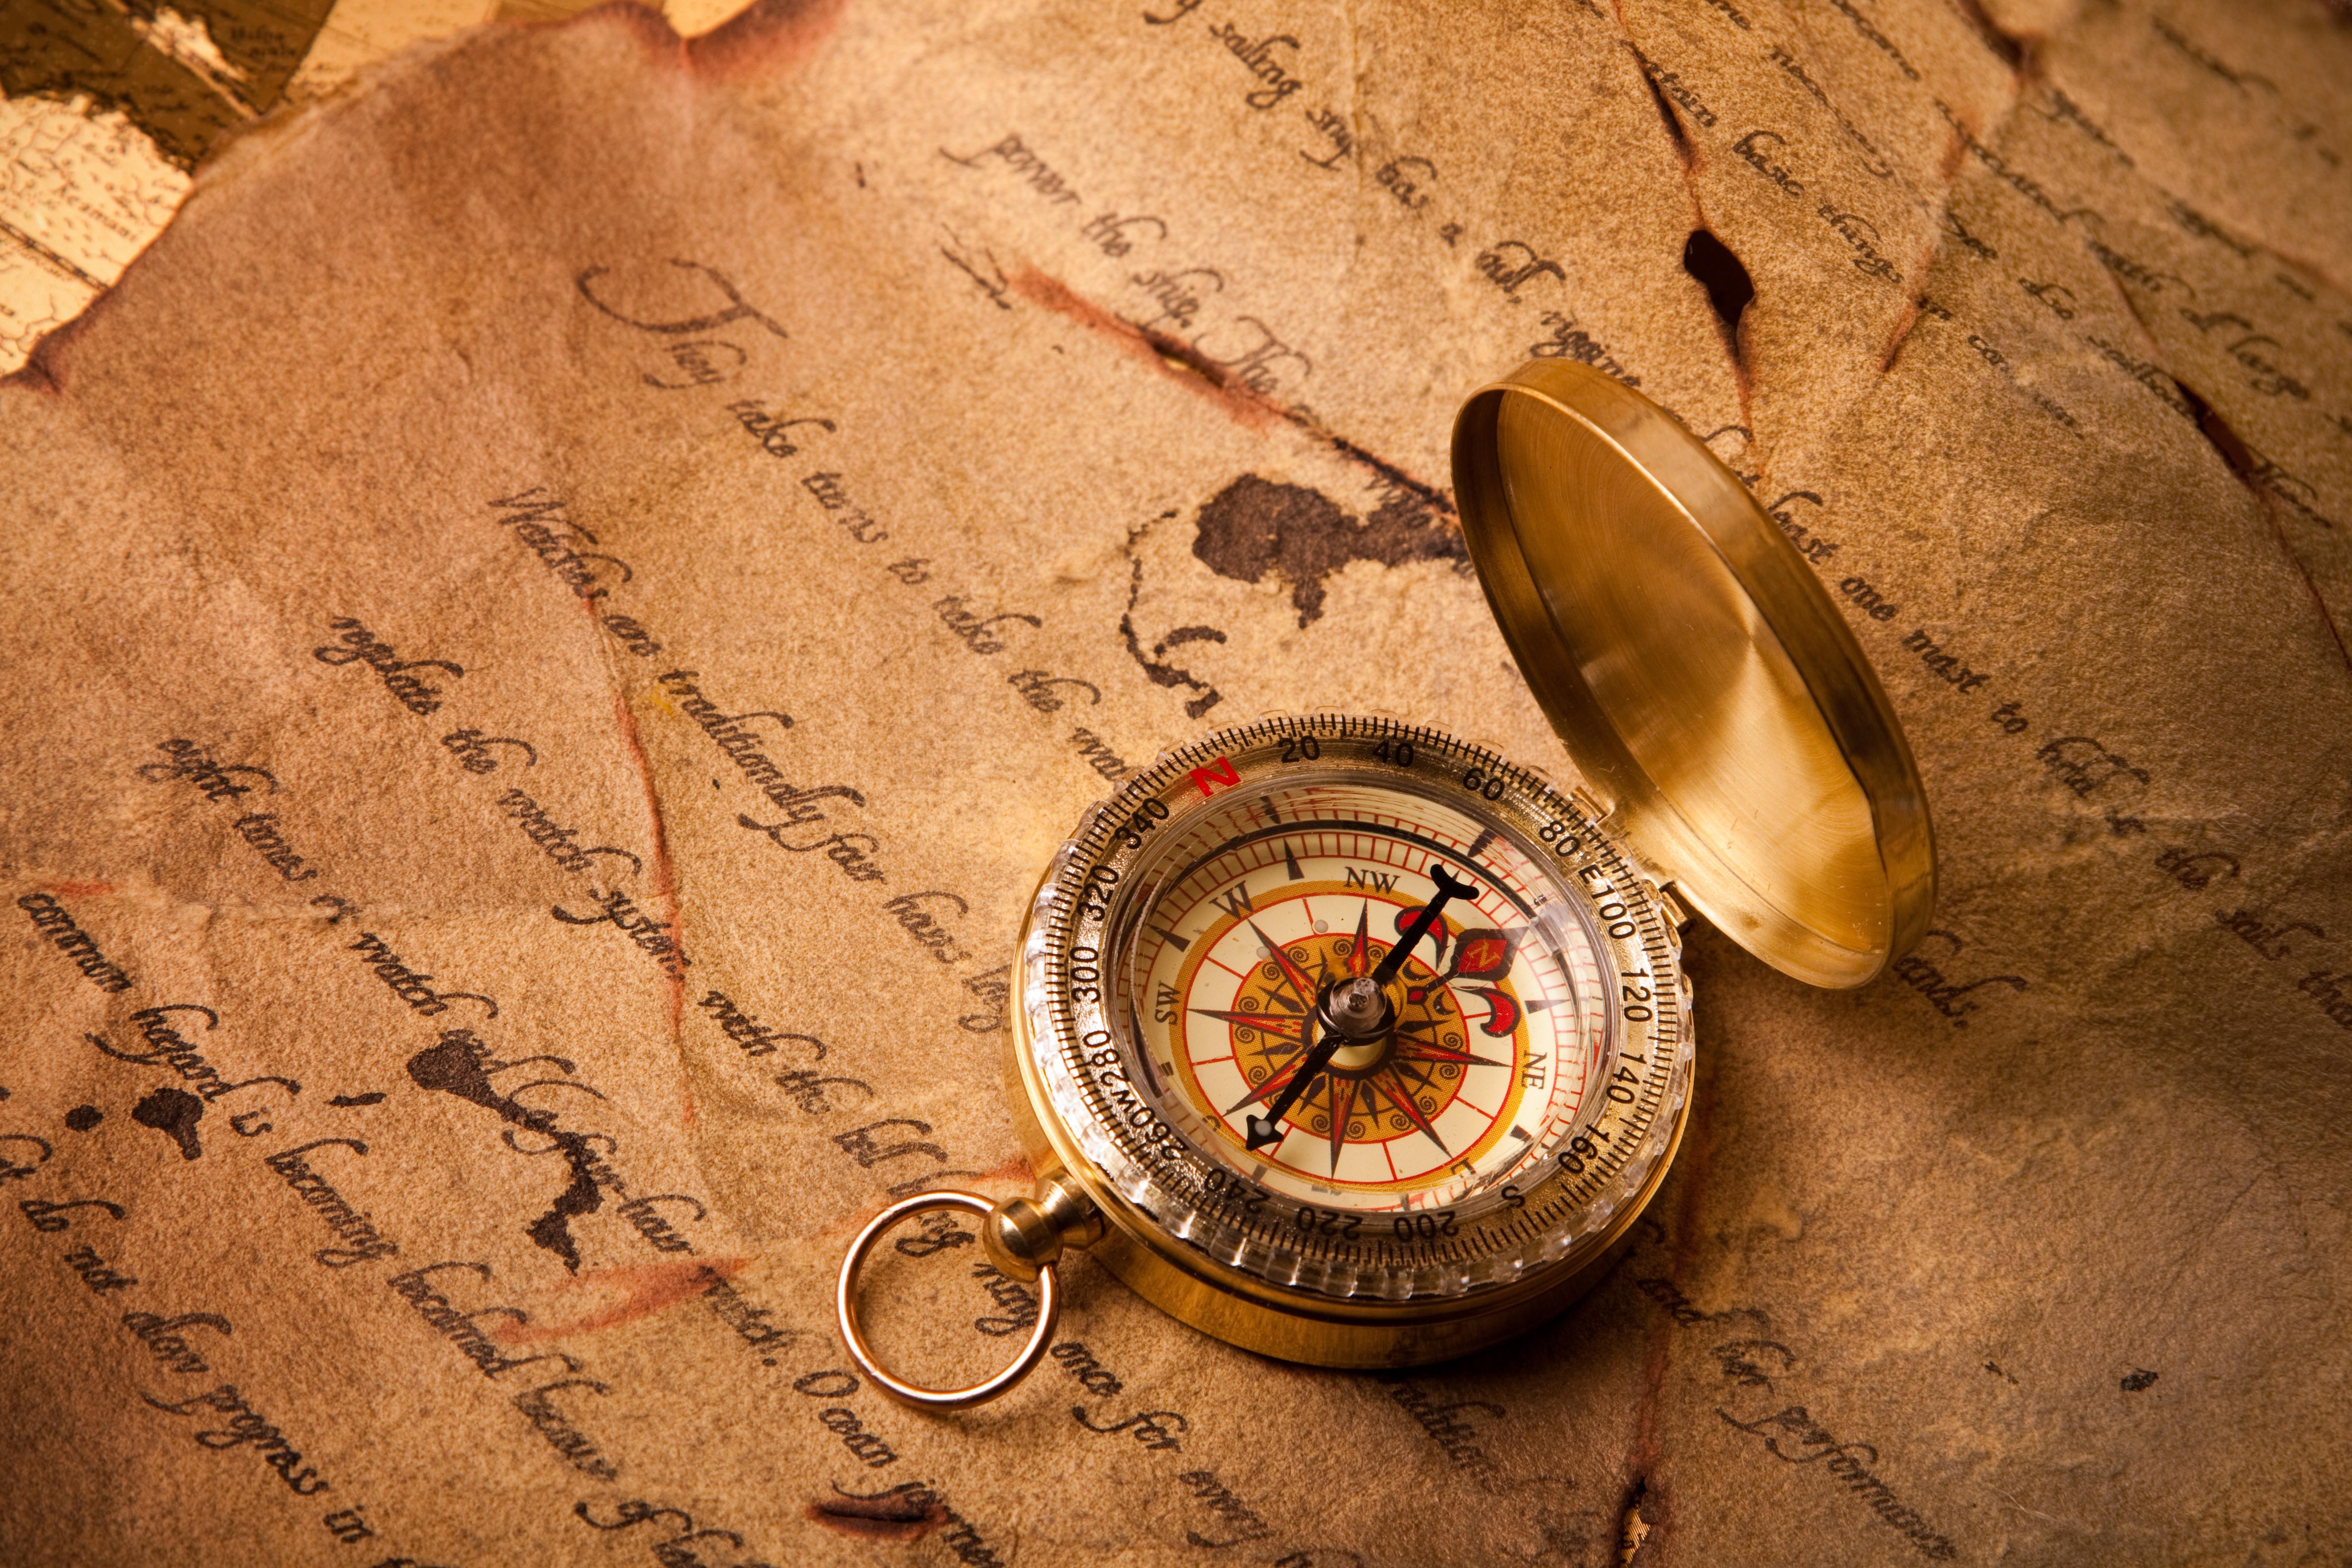 Компас: история его открытия, где и кто изобрел компас